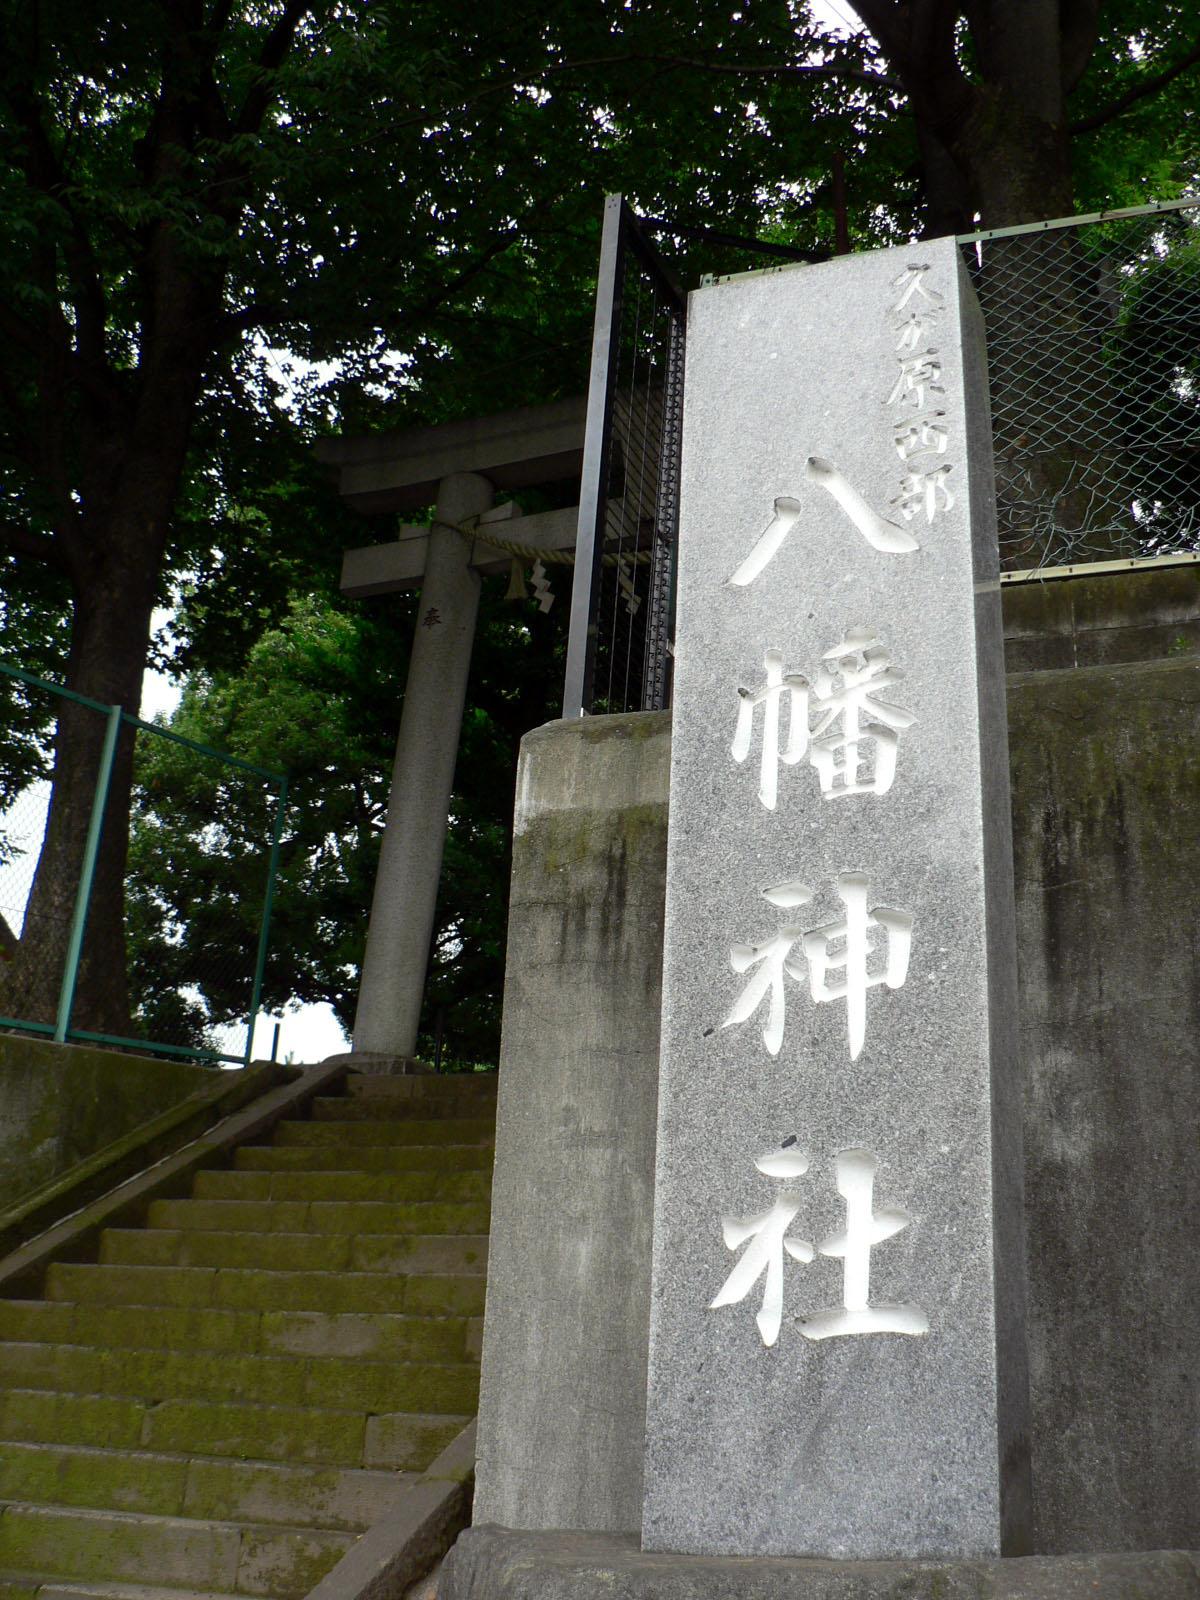 久が原西部八幡神社_e0123189_15453957.jpg